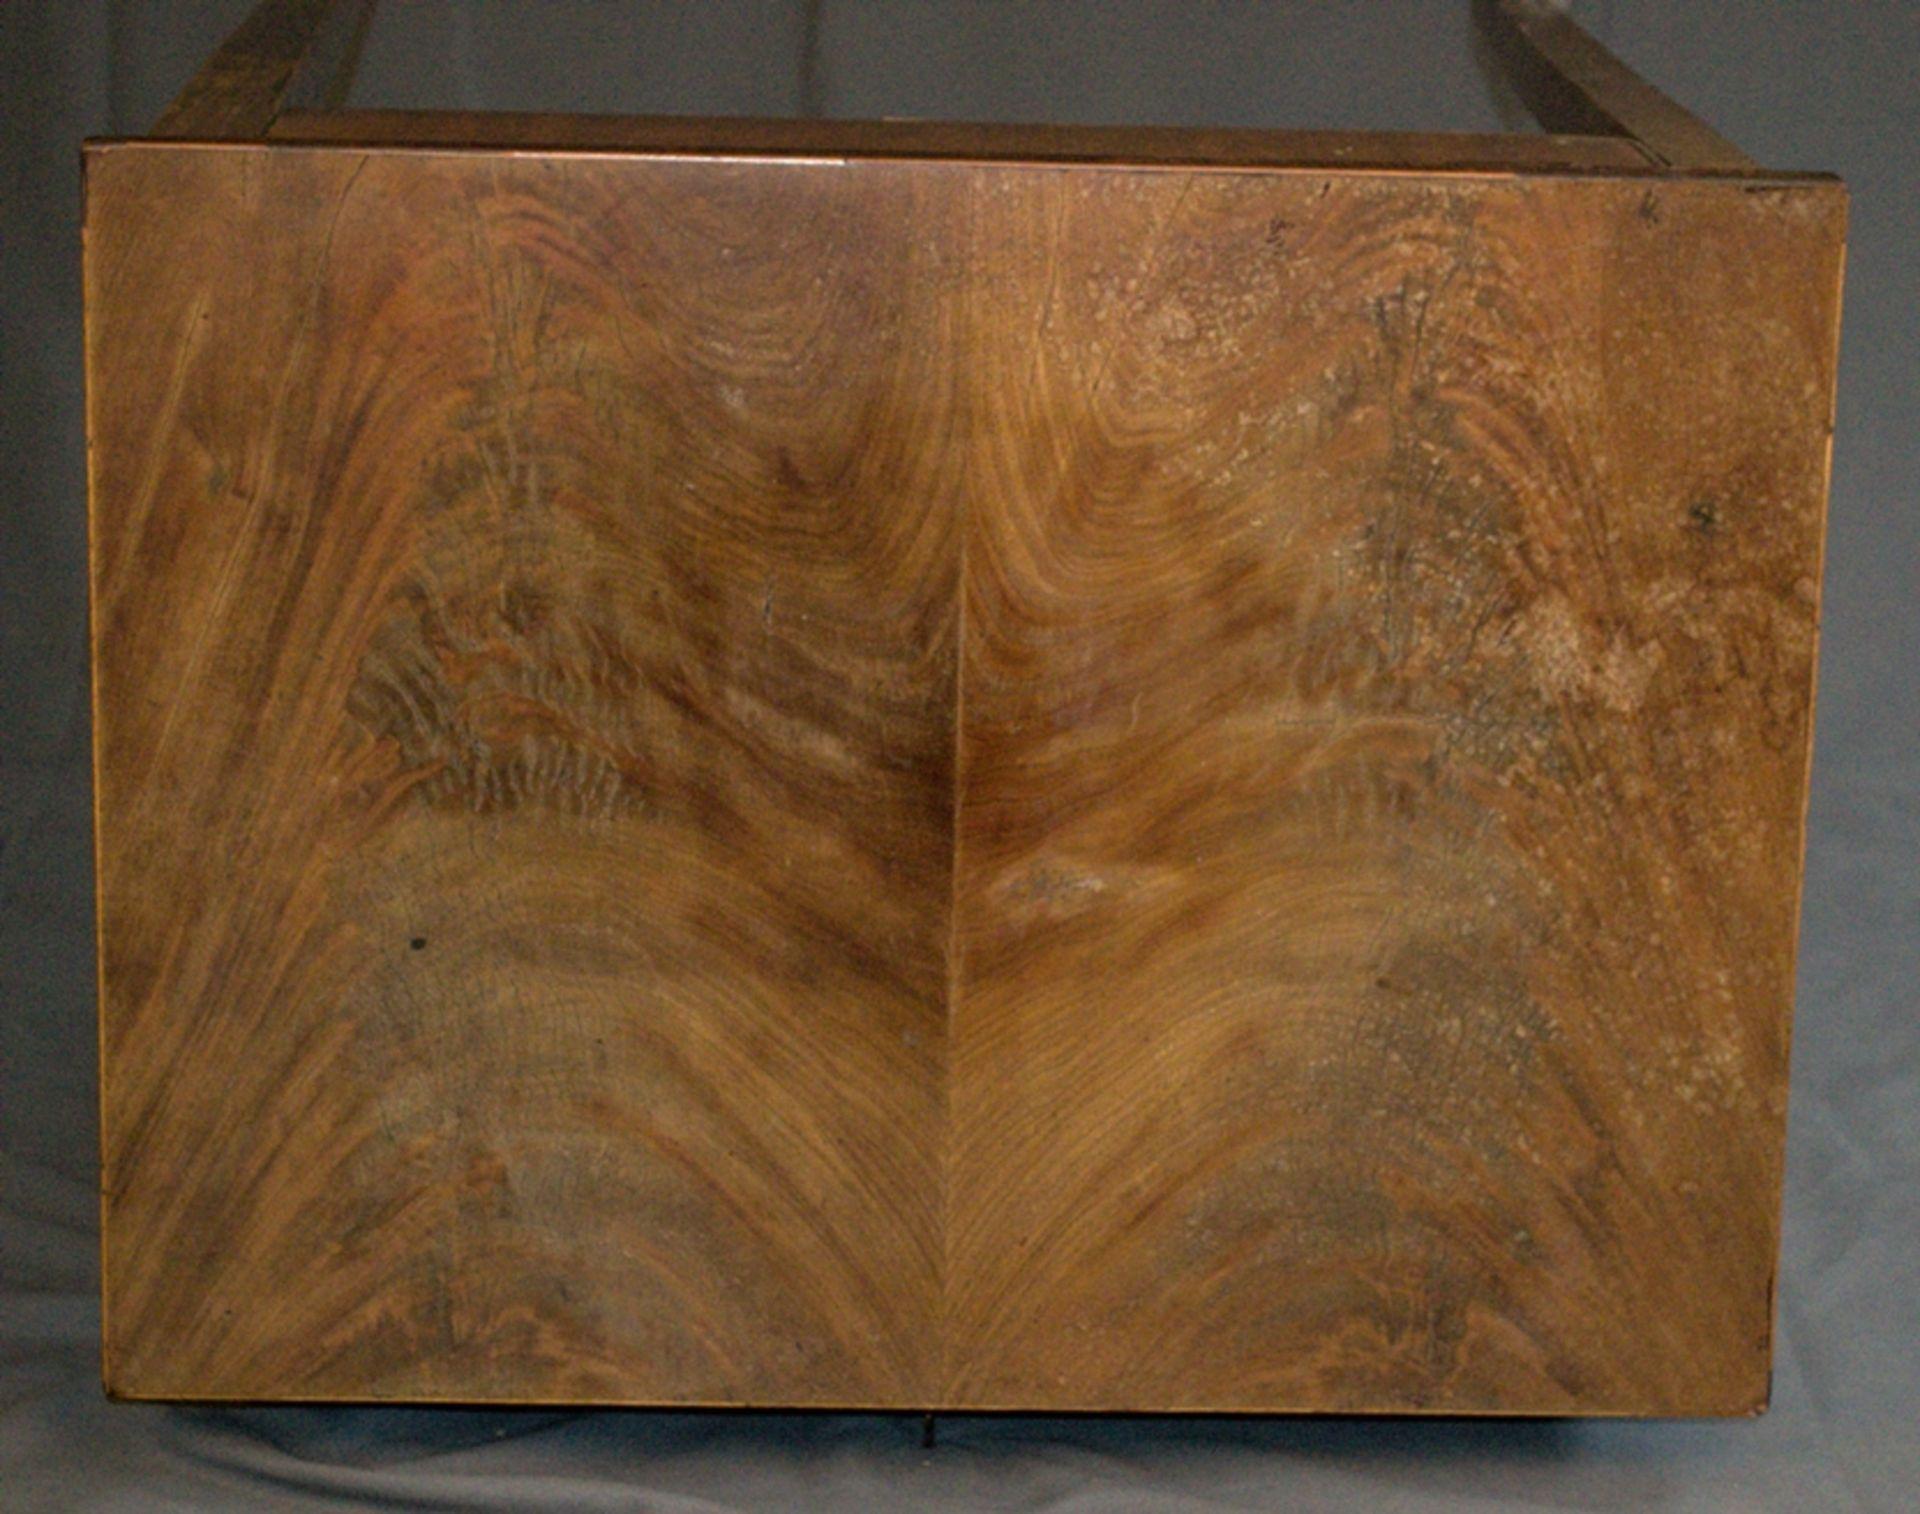 Eleganter Nähtisch/Beistelltisch. Biedermeier um 1820/30. Nussbaum massiv & furniert, teilweise - Bild 13 aus 14